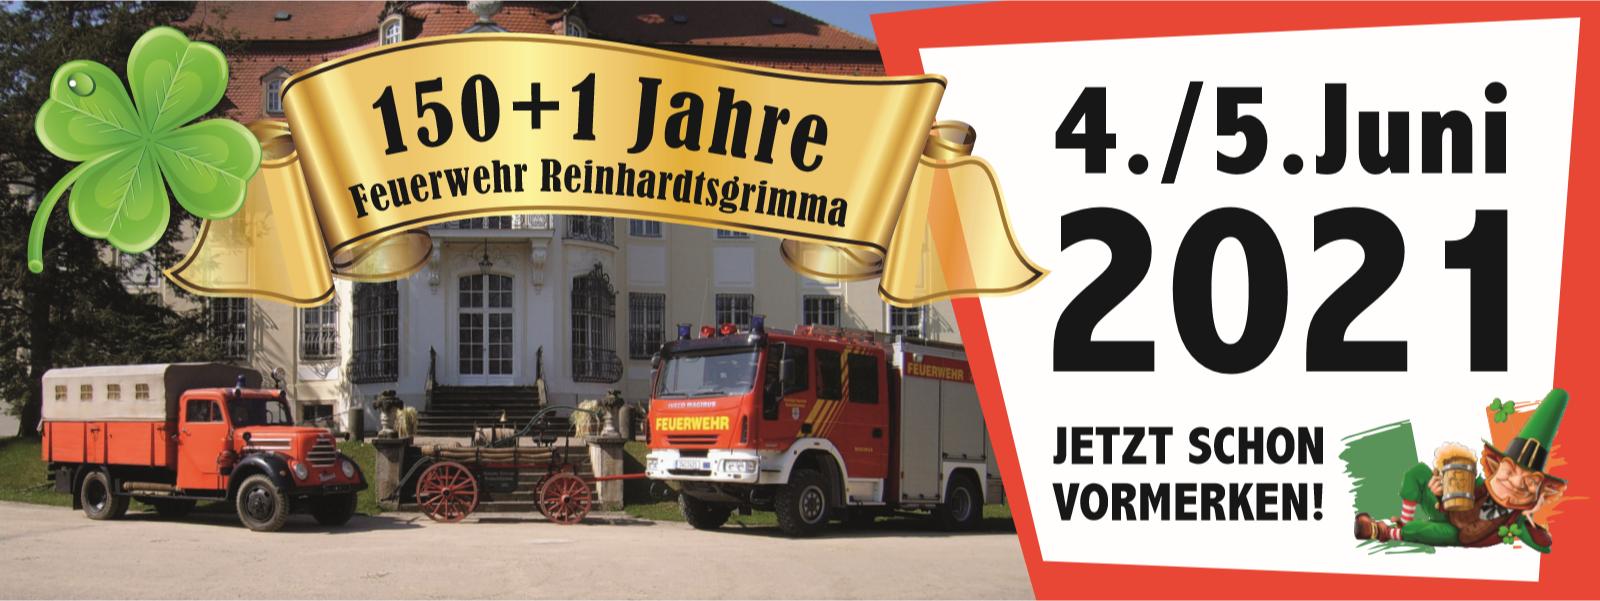 150+1 Jahr Freiwillige Feuerwehr Reinhardtsgrimma